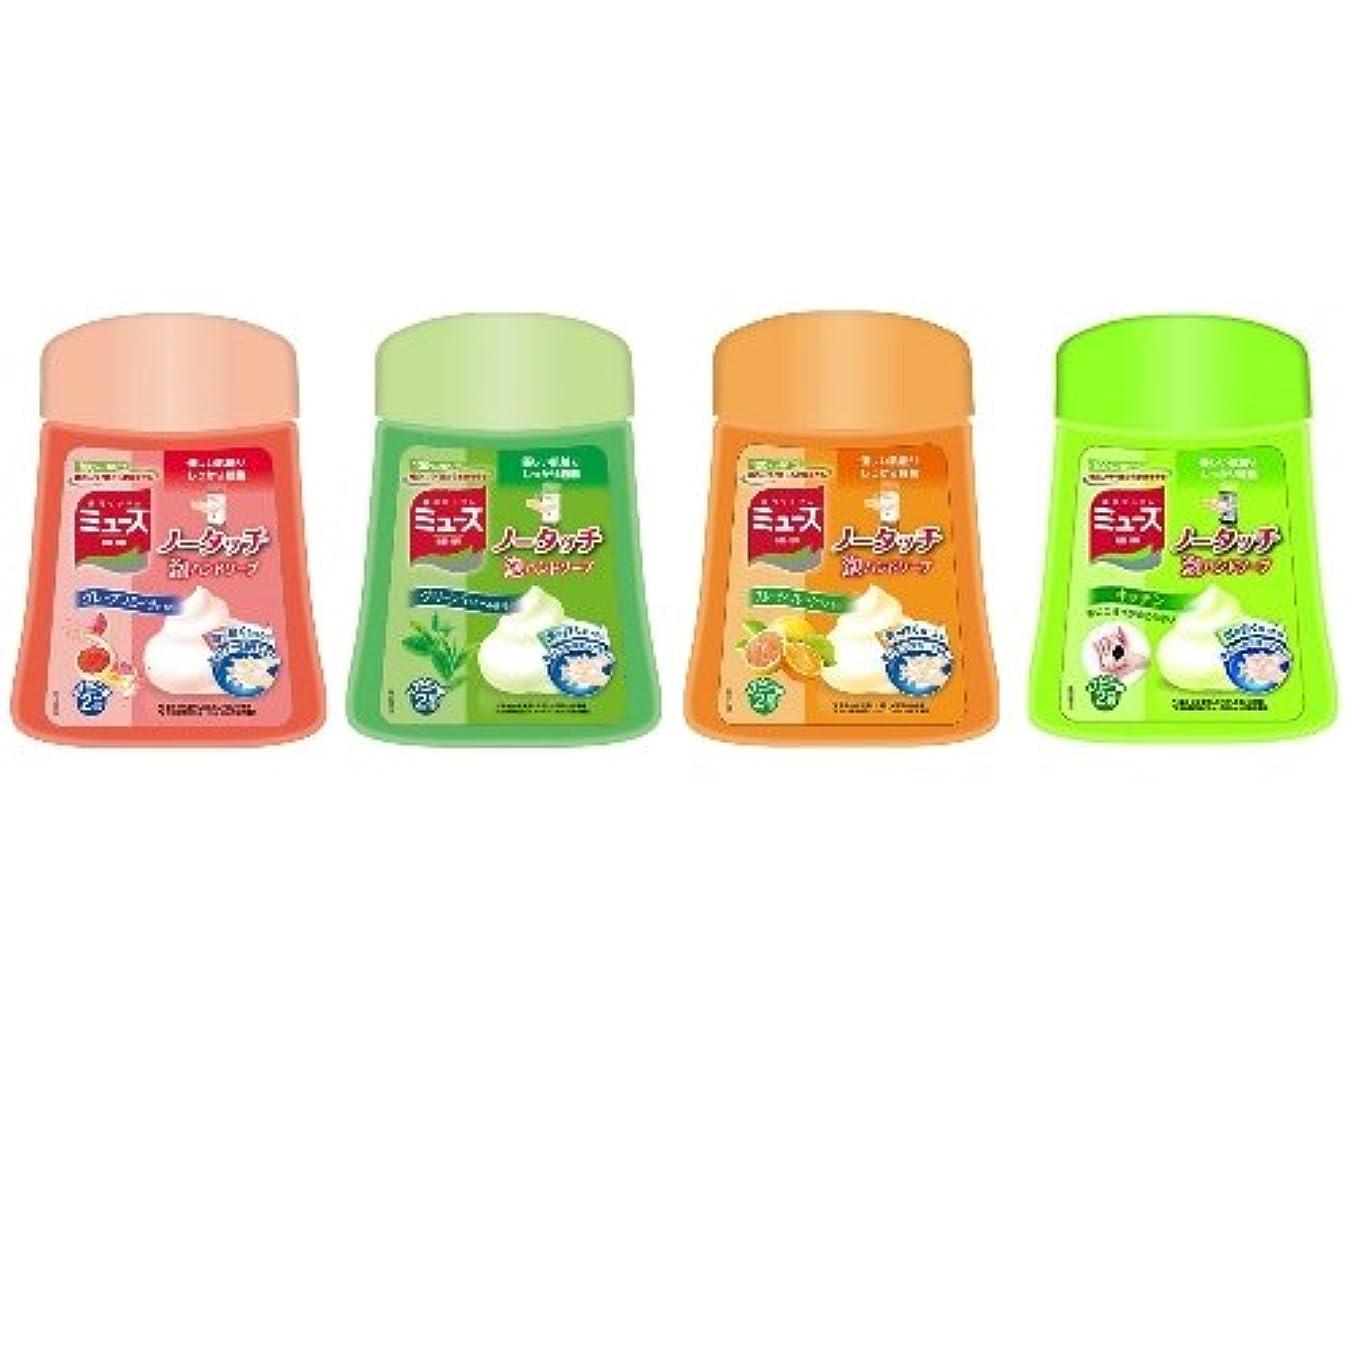 給料フィード見つけるミューズ ノータッチ 泡ハンドソープ 詰替え 4種の色と香りボトル 250ml×4個 薬用ハンドソープ 手洗い 殺菌 消毒